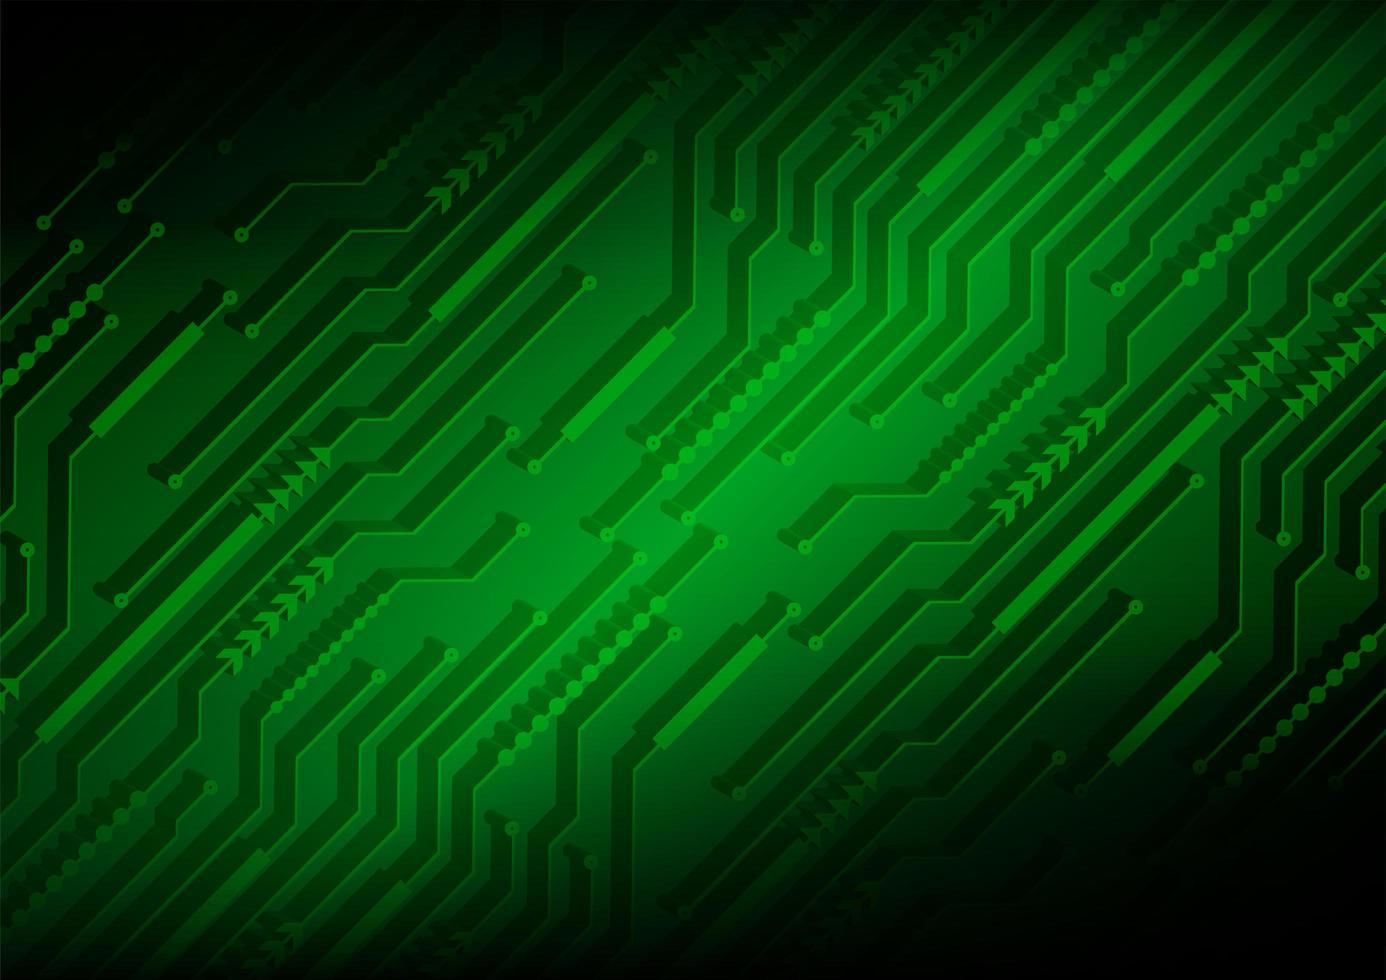 Hintergrund des zukünftigen Technologiekonzepts der grünen Schaltung vektor